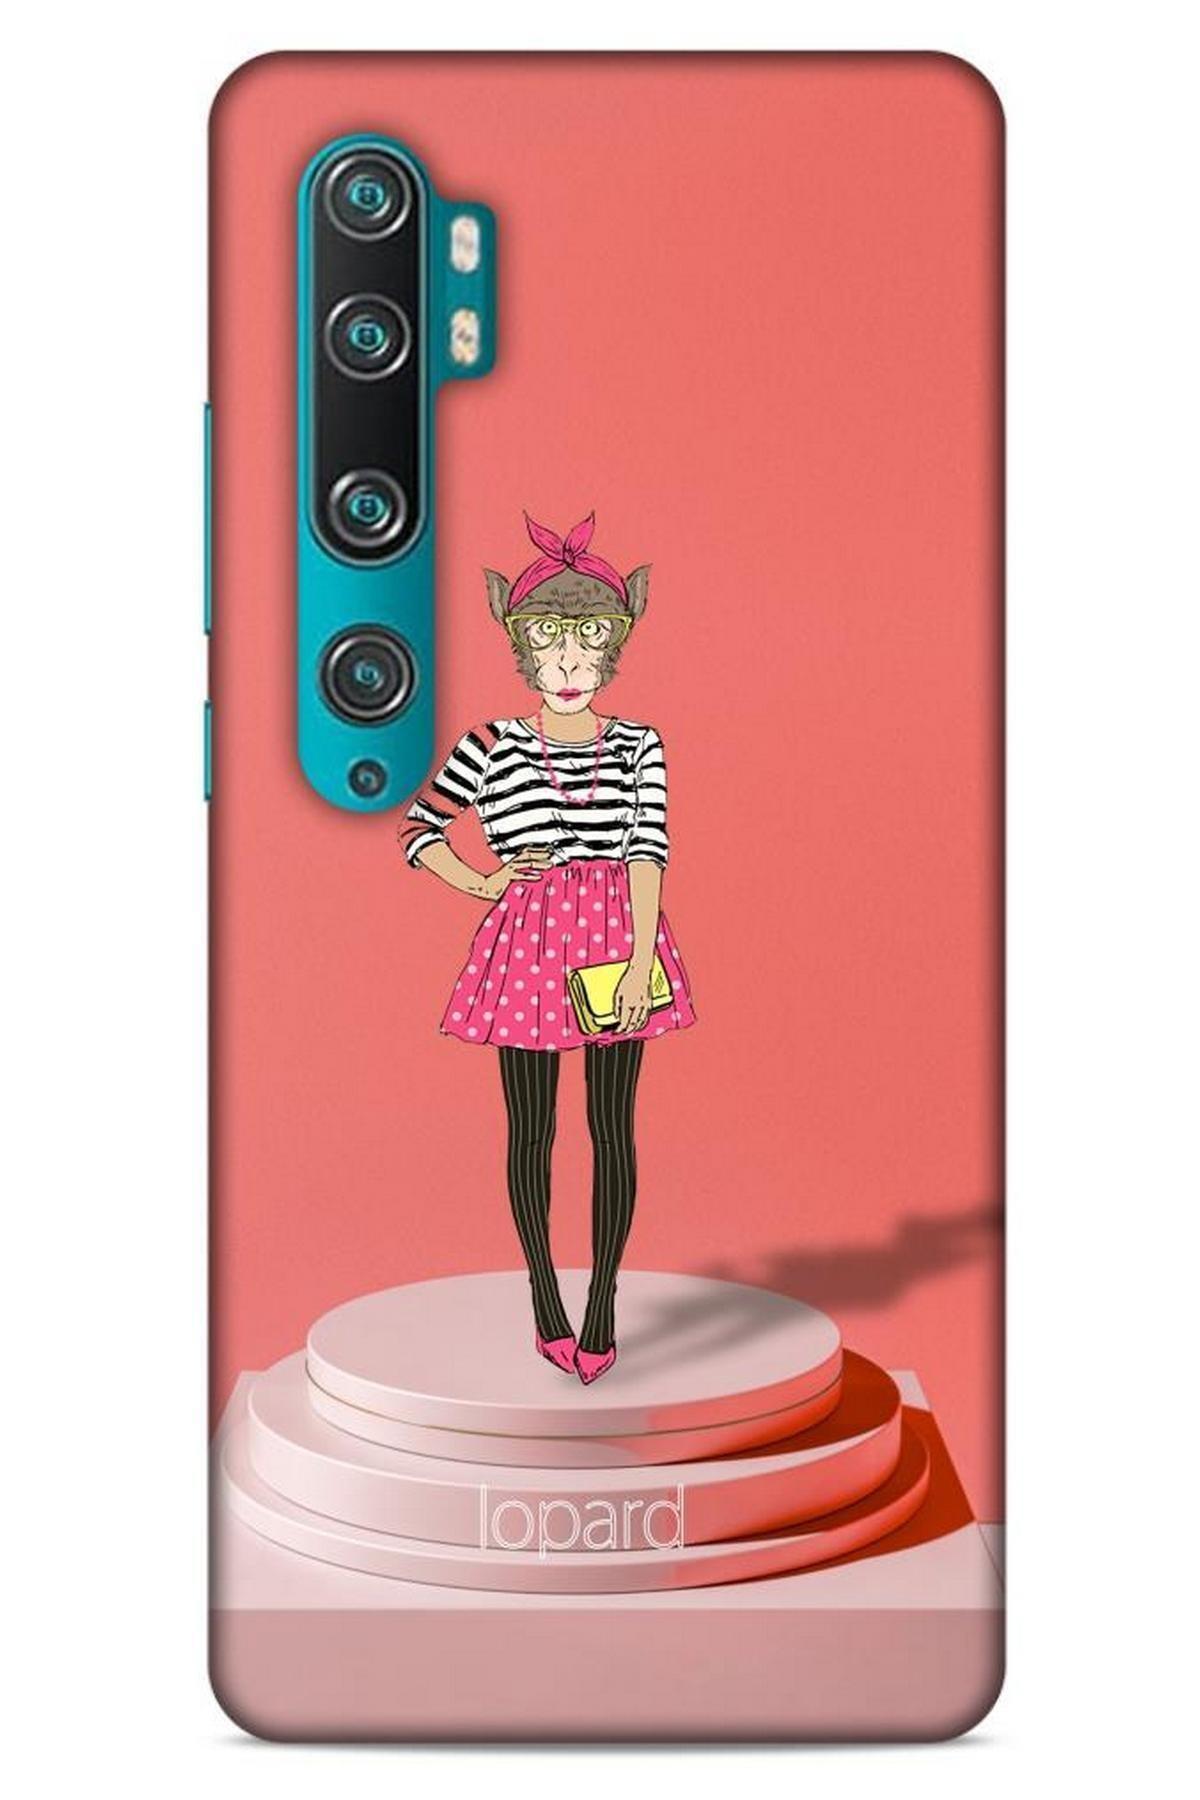 Lopard Xiaomi Mi Note 10 Pro Kılıf Funnymax (9) Kılıf Gül Kurusu Maymun 1